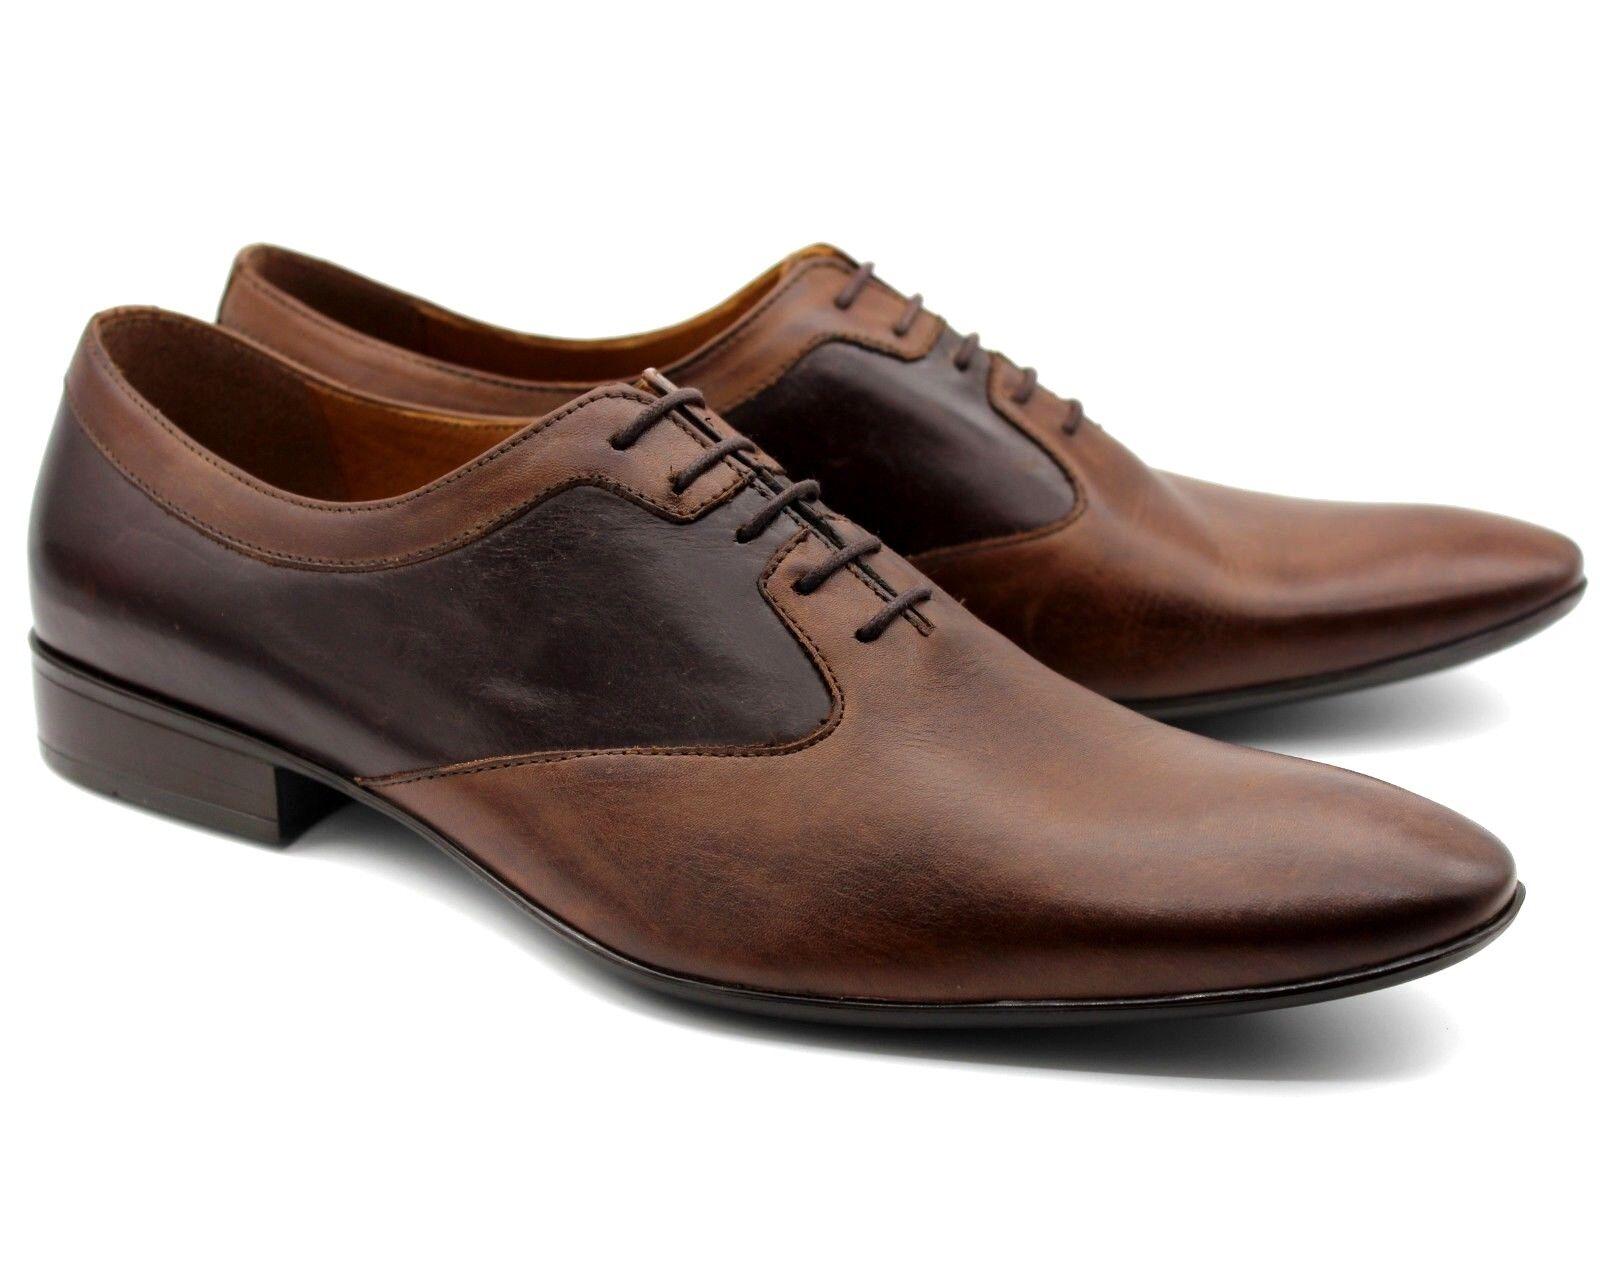 232K UK 7 homme deux tons marron cuir italien Smart